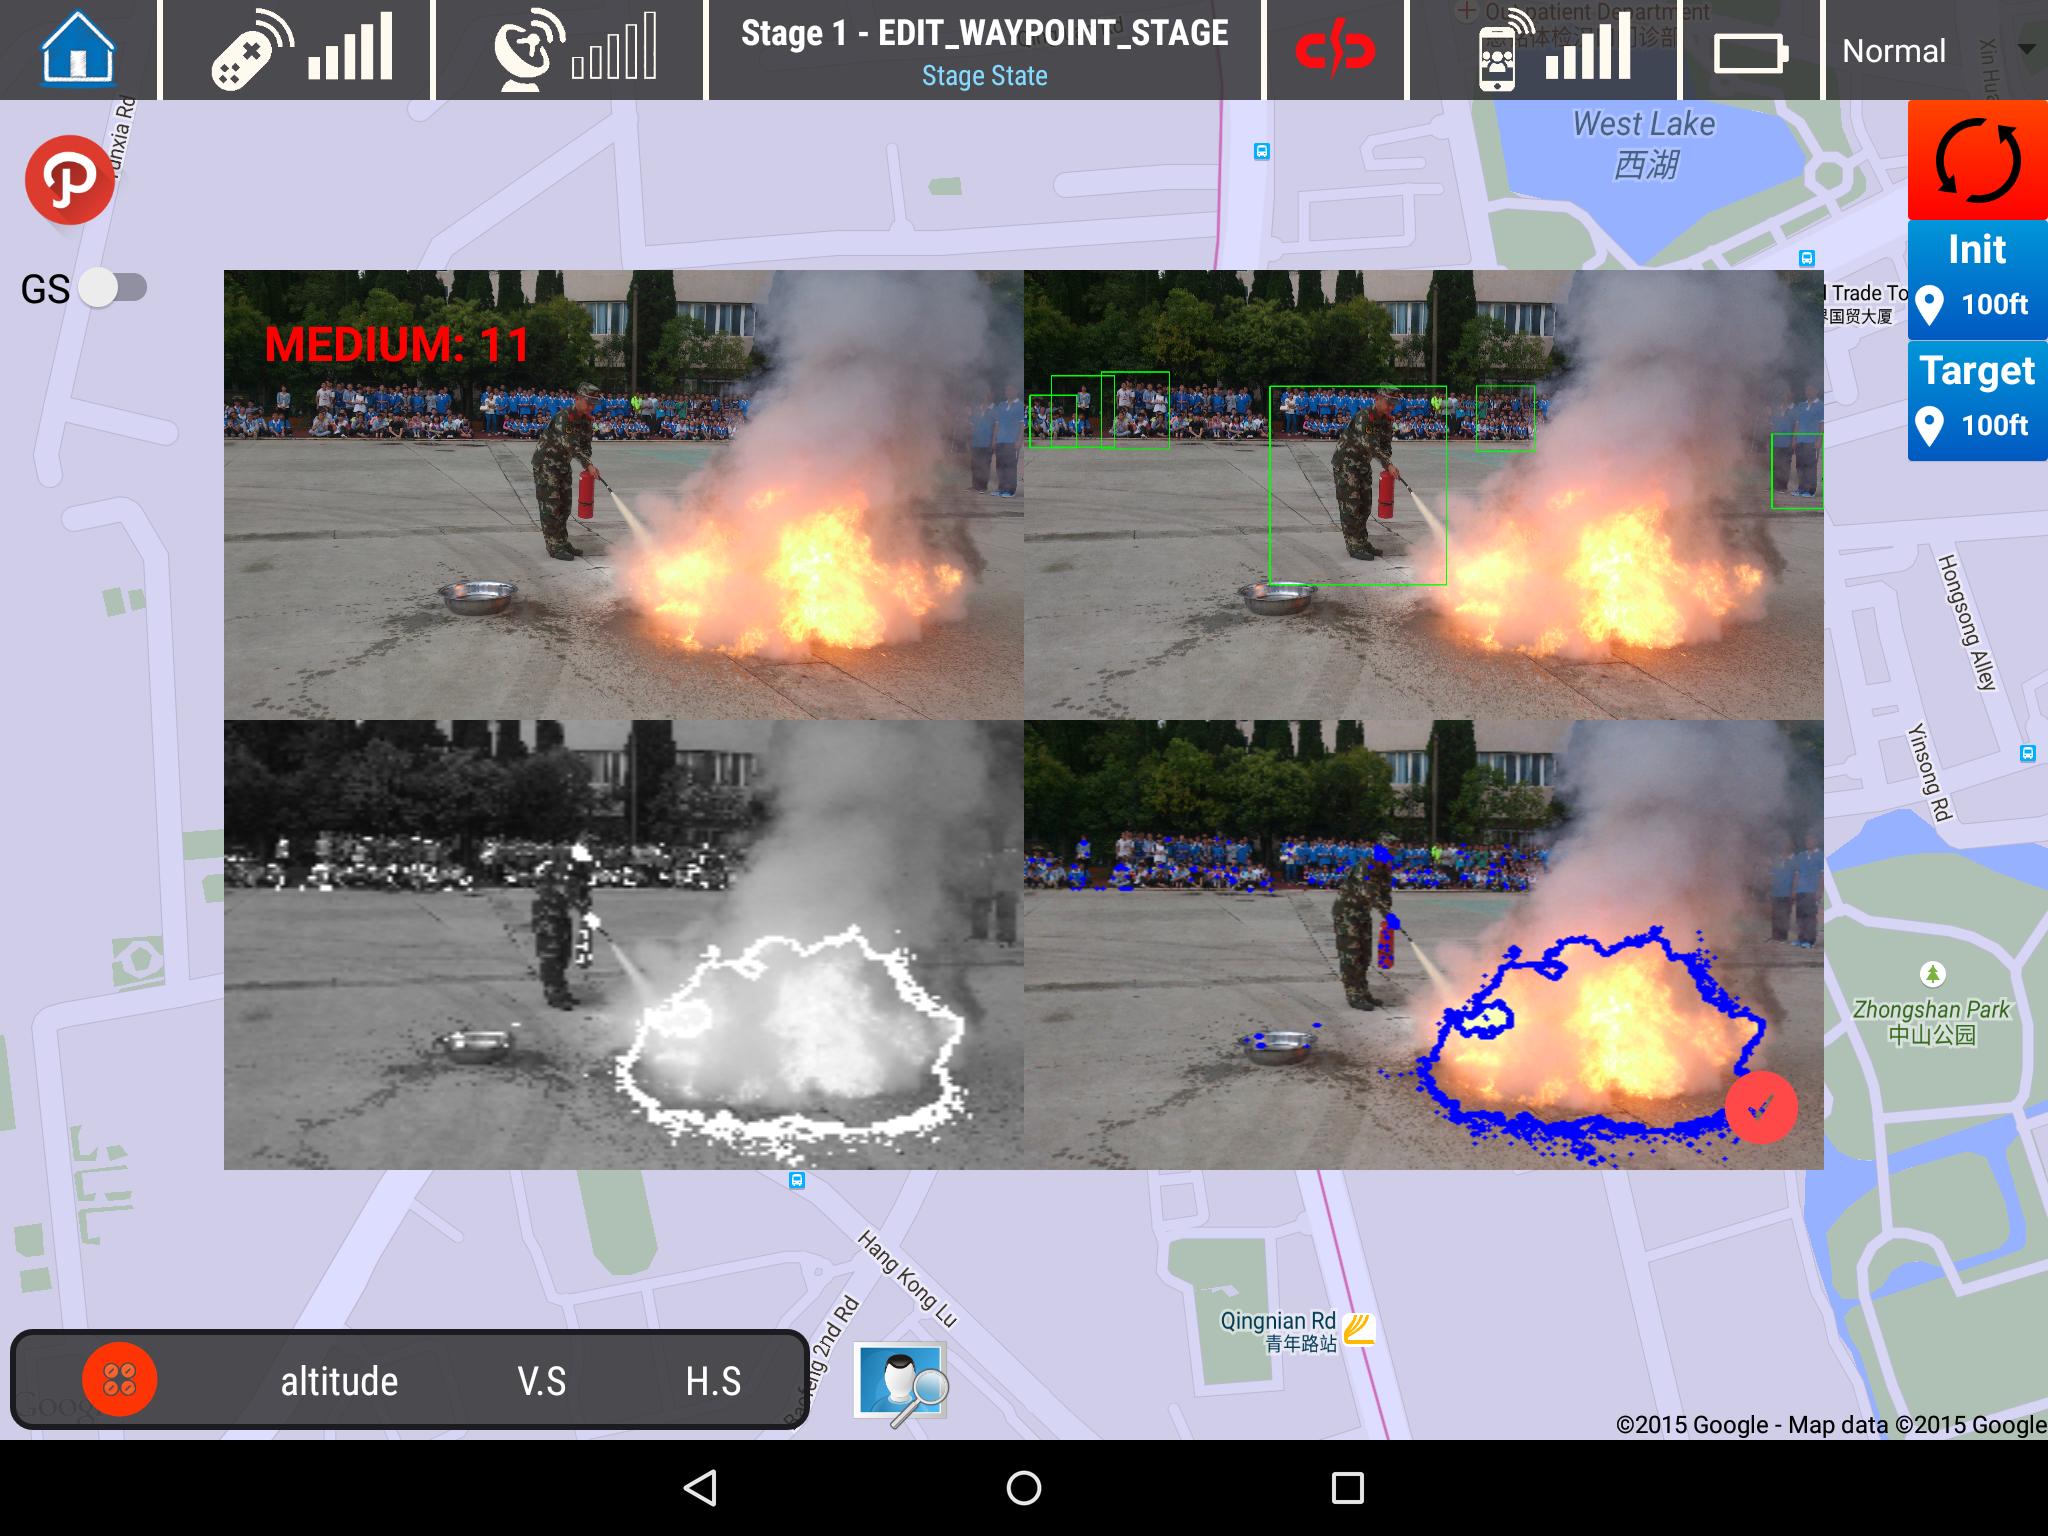 火场图像分析